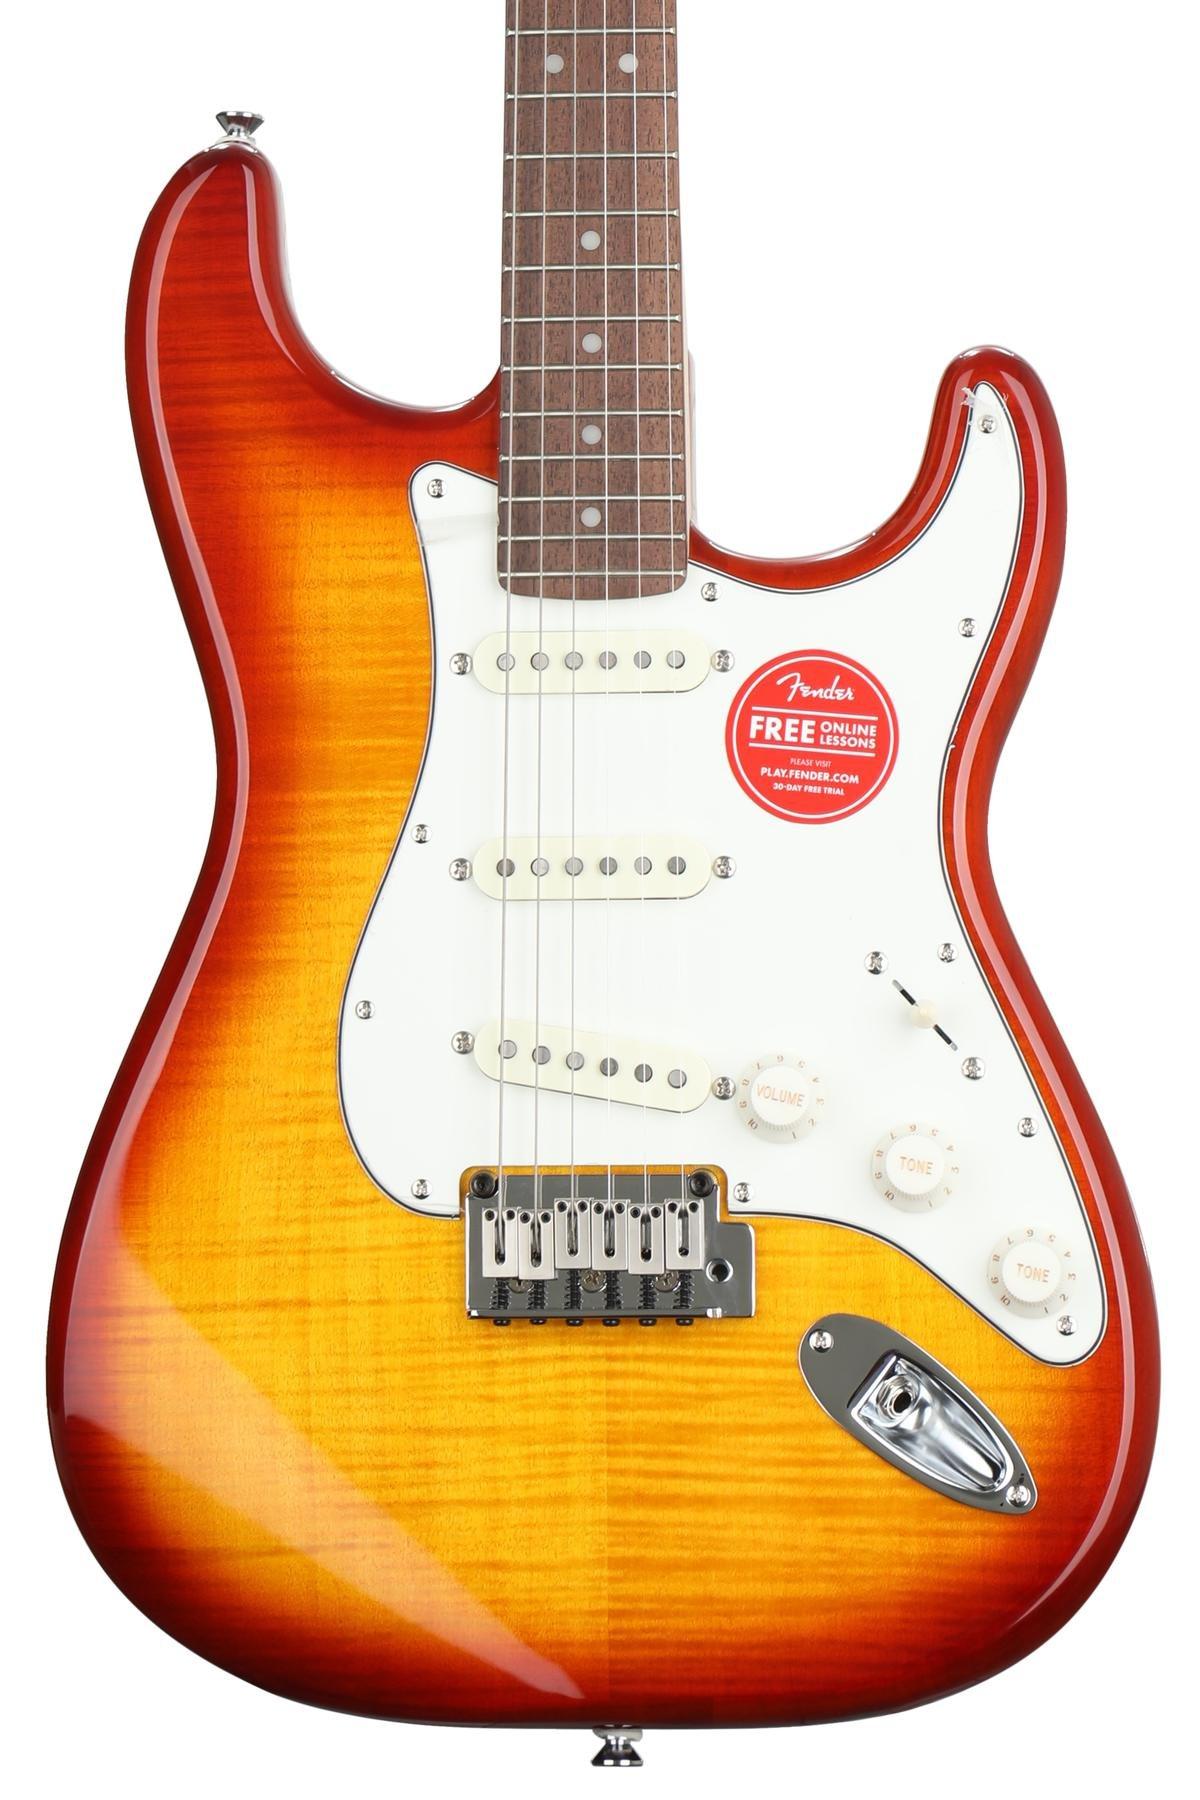 Squier Standard Stratocaster Fmt Amber Burst W Indian Laurel Fender Fingerboard Image 1